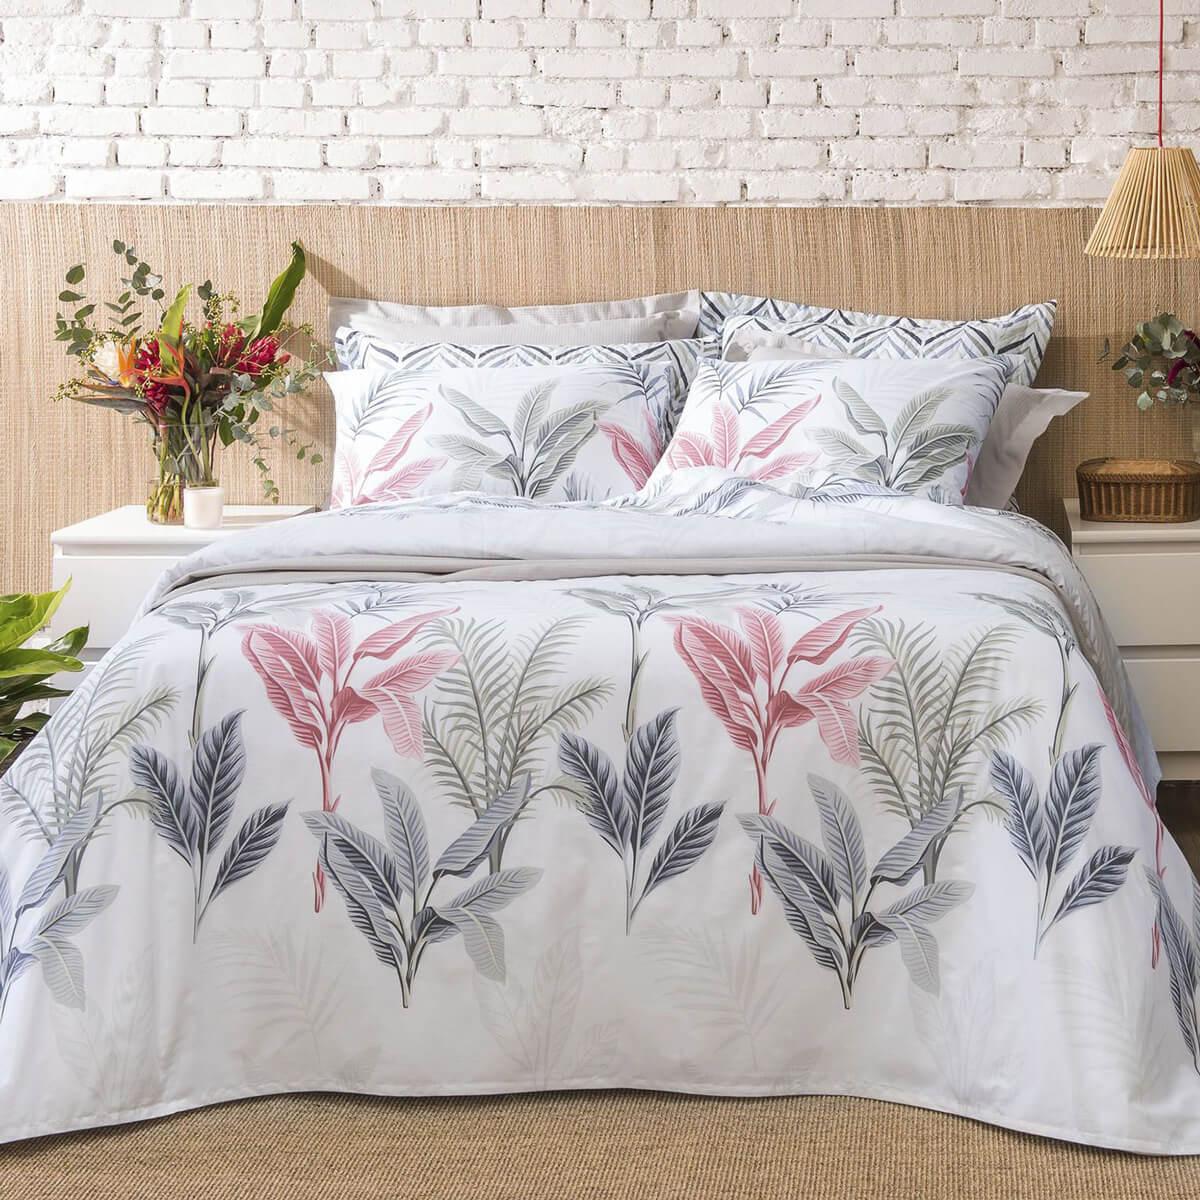 Cobre Leito King 3 Peças Dupla Face Home Design Palm